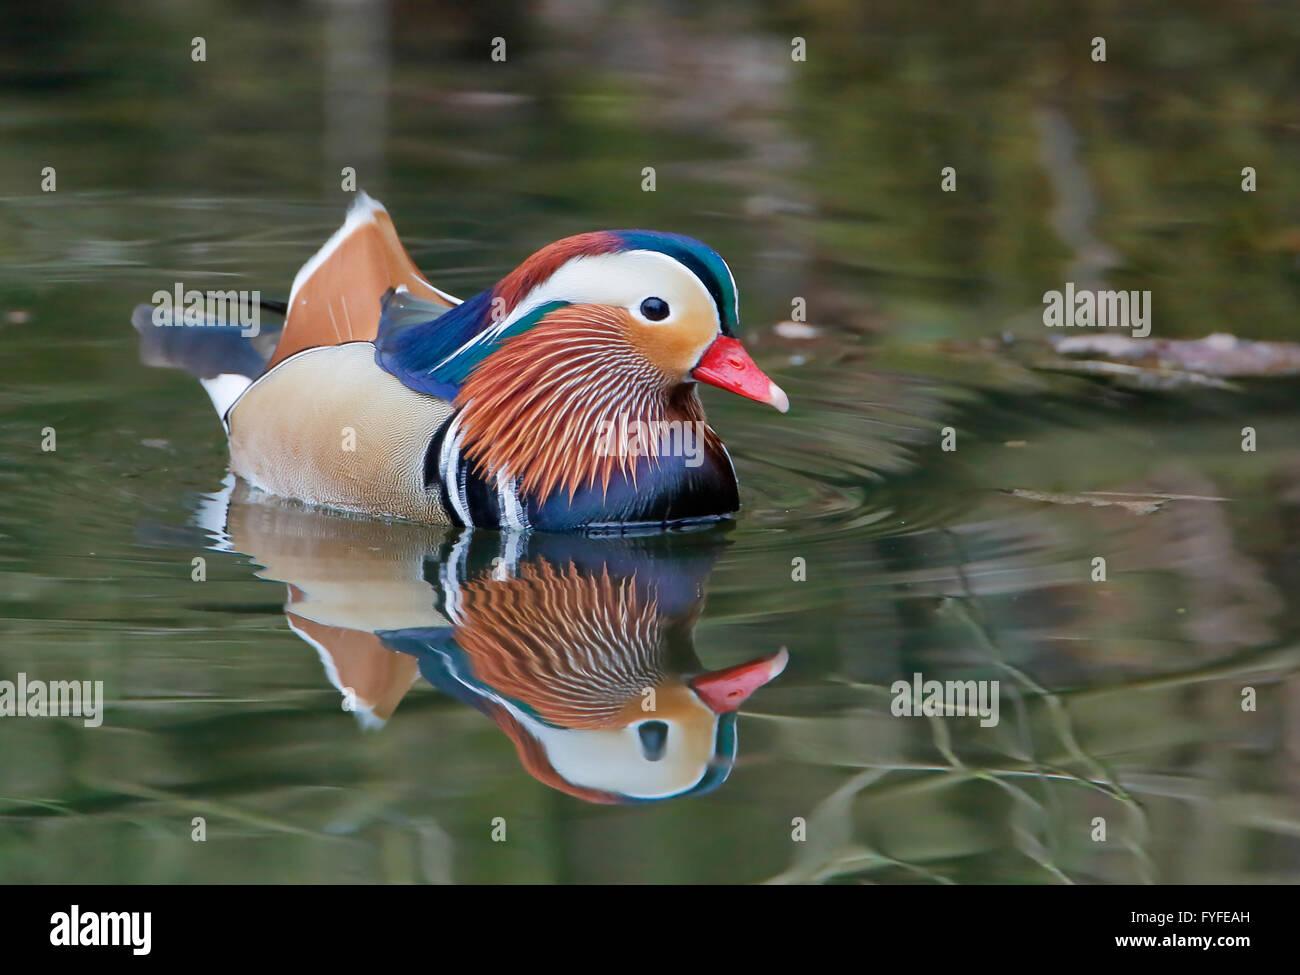 Anatra di mandarino (Aix galericulata) maschio nuotare in acqua con la riflessione Foto Stock